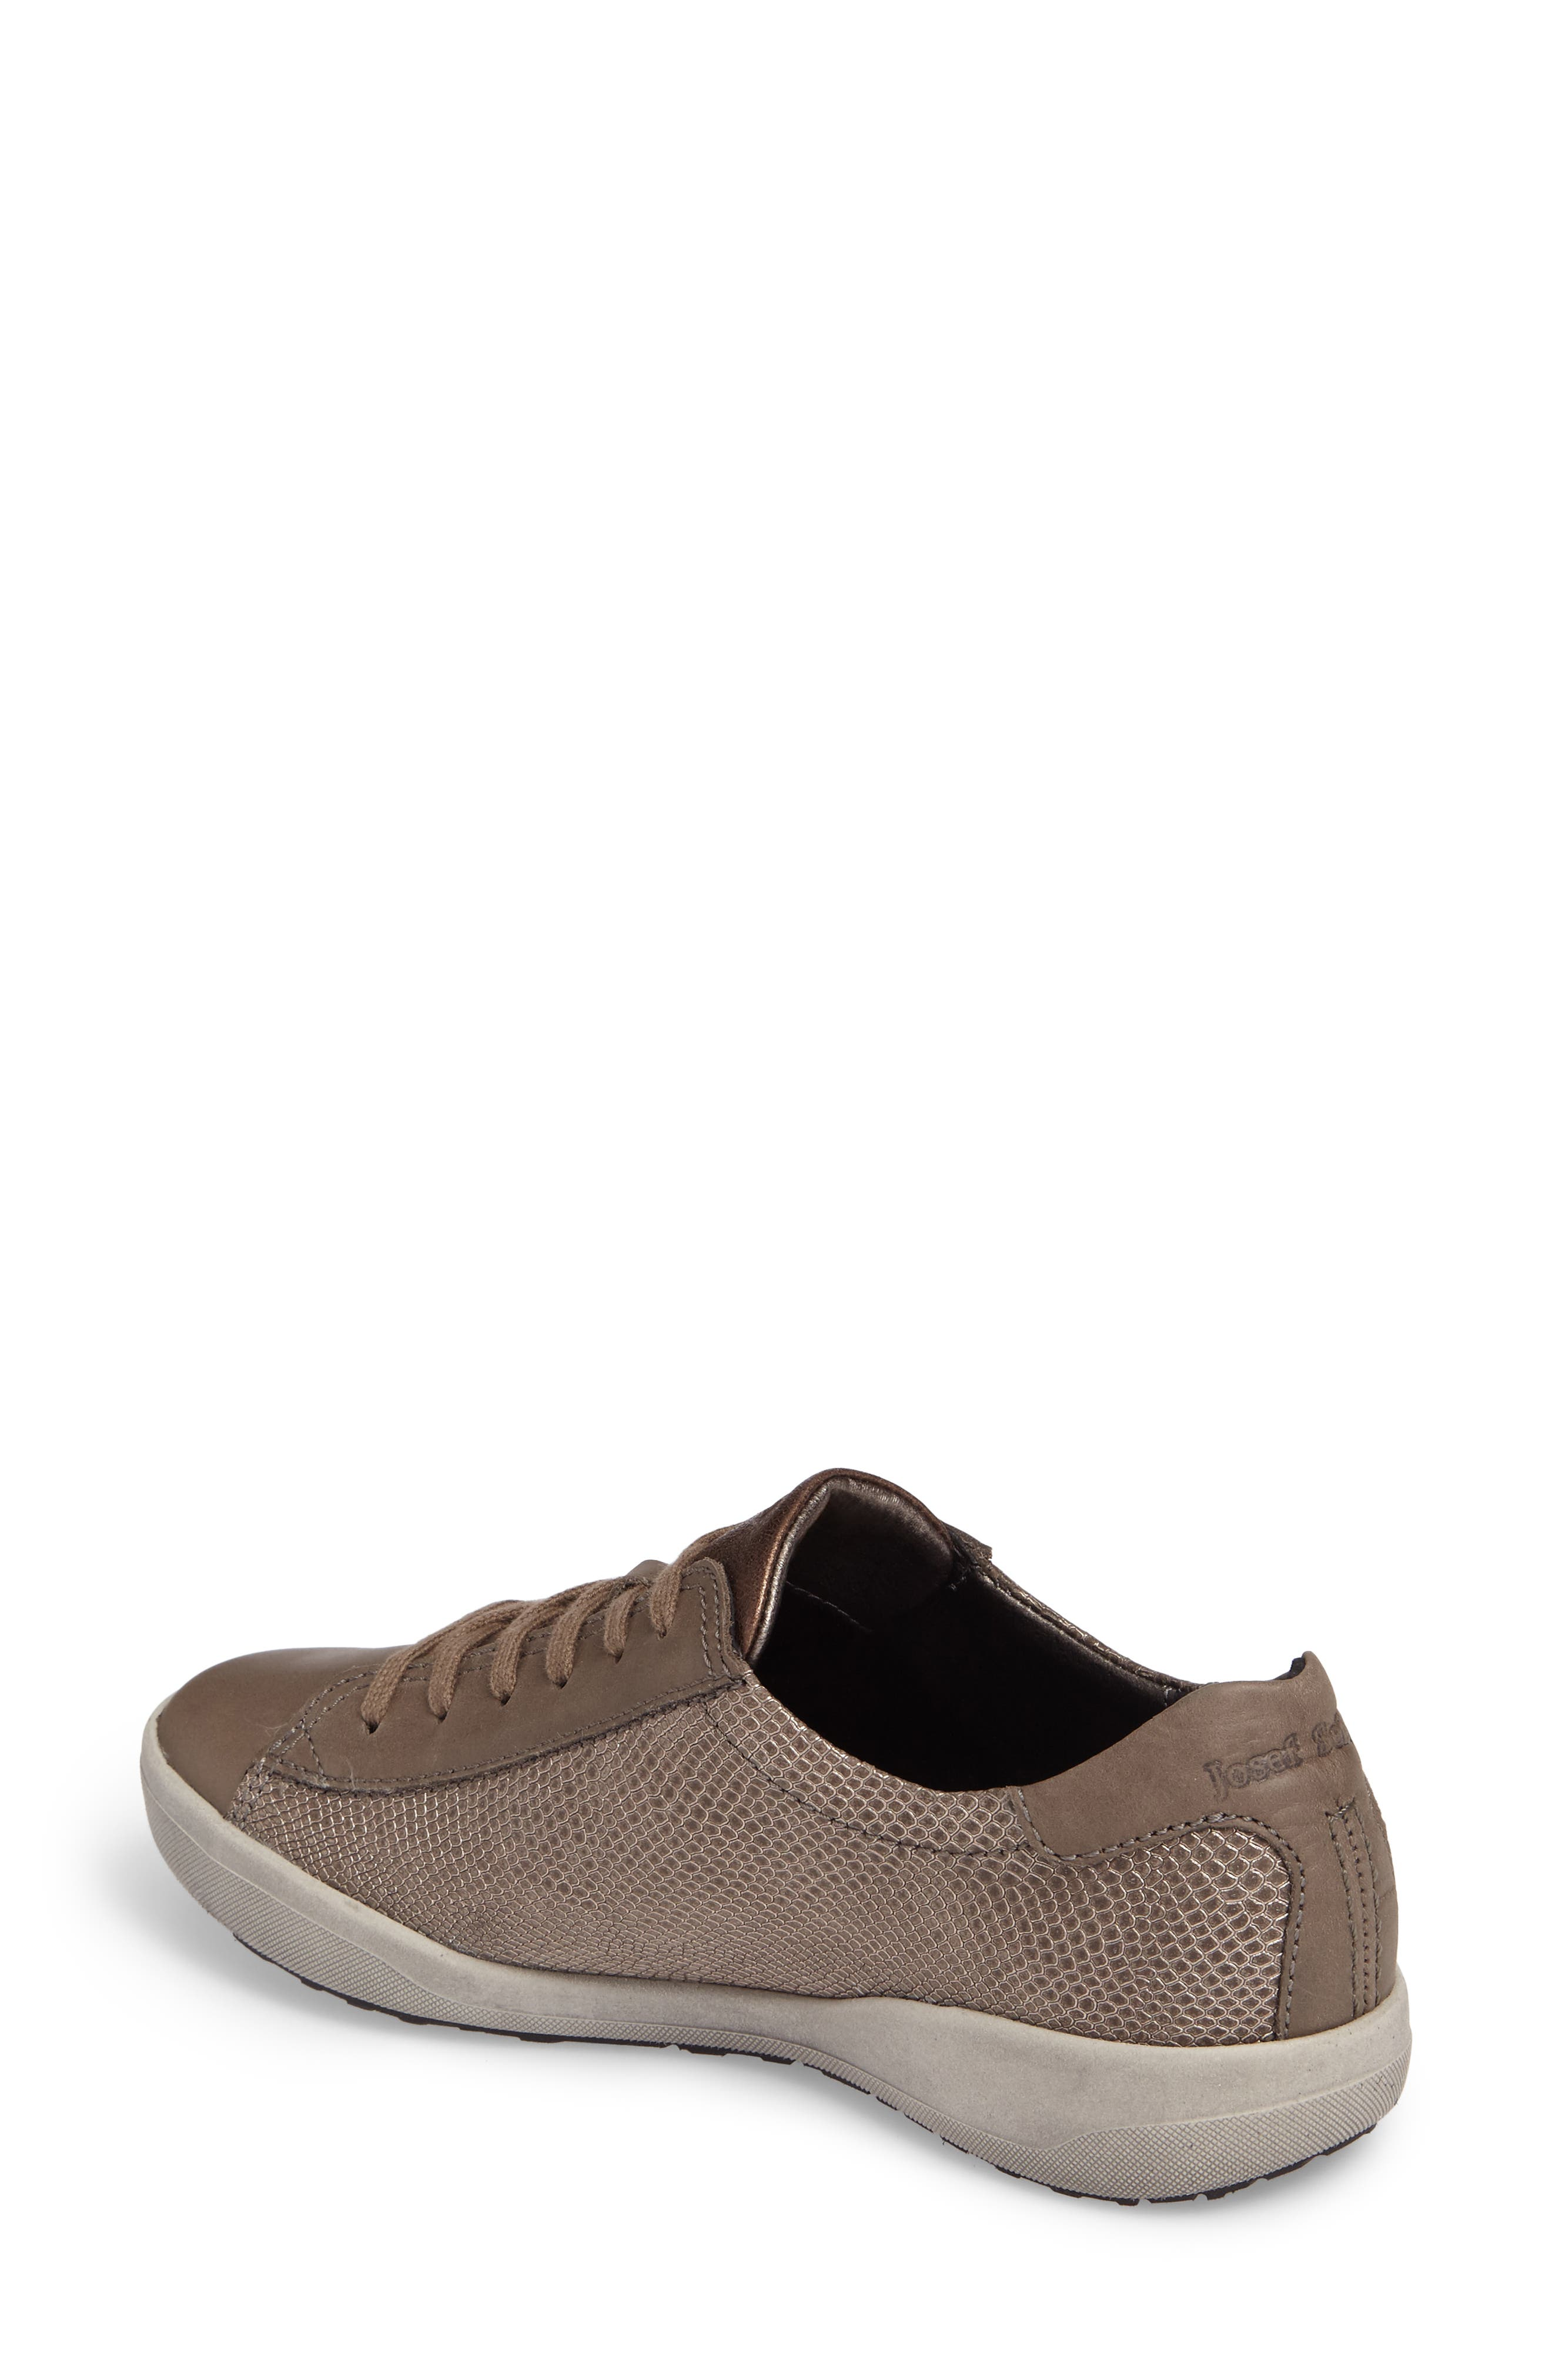 Sina 27 Sneaker,                             Alternate thumbnail 2, color,                             Asphalt/ Kombi Leather